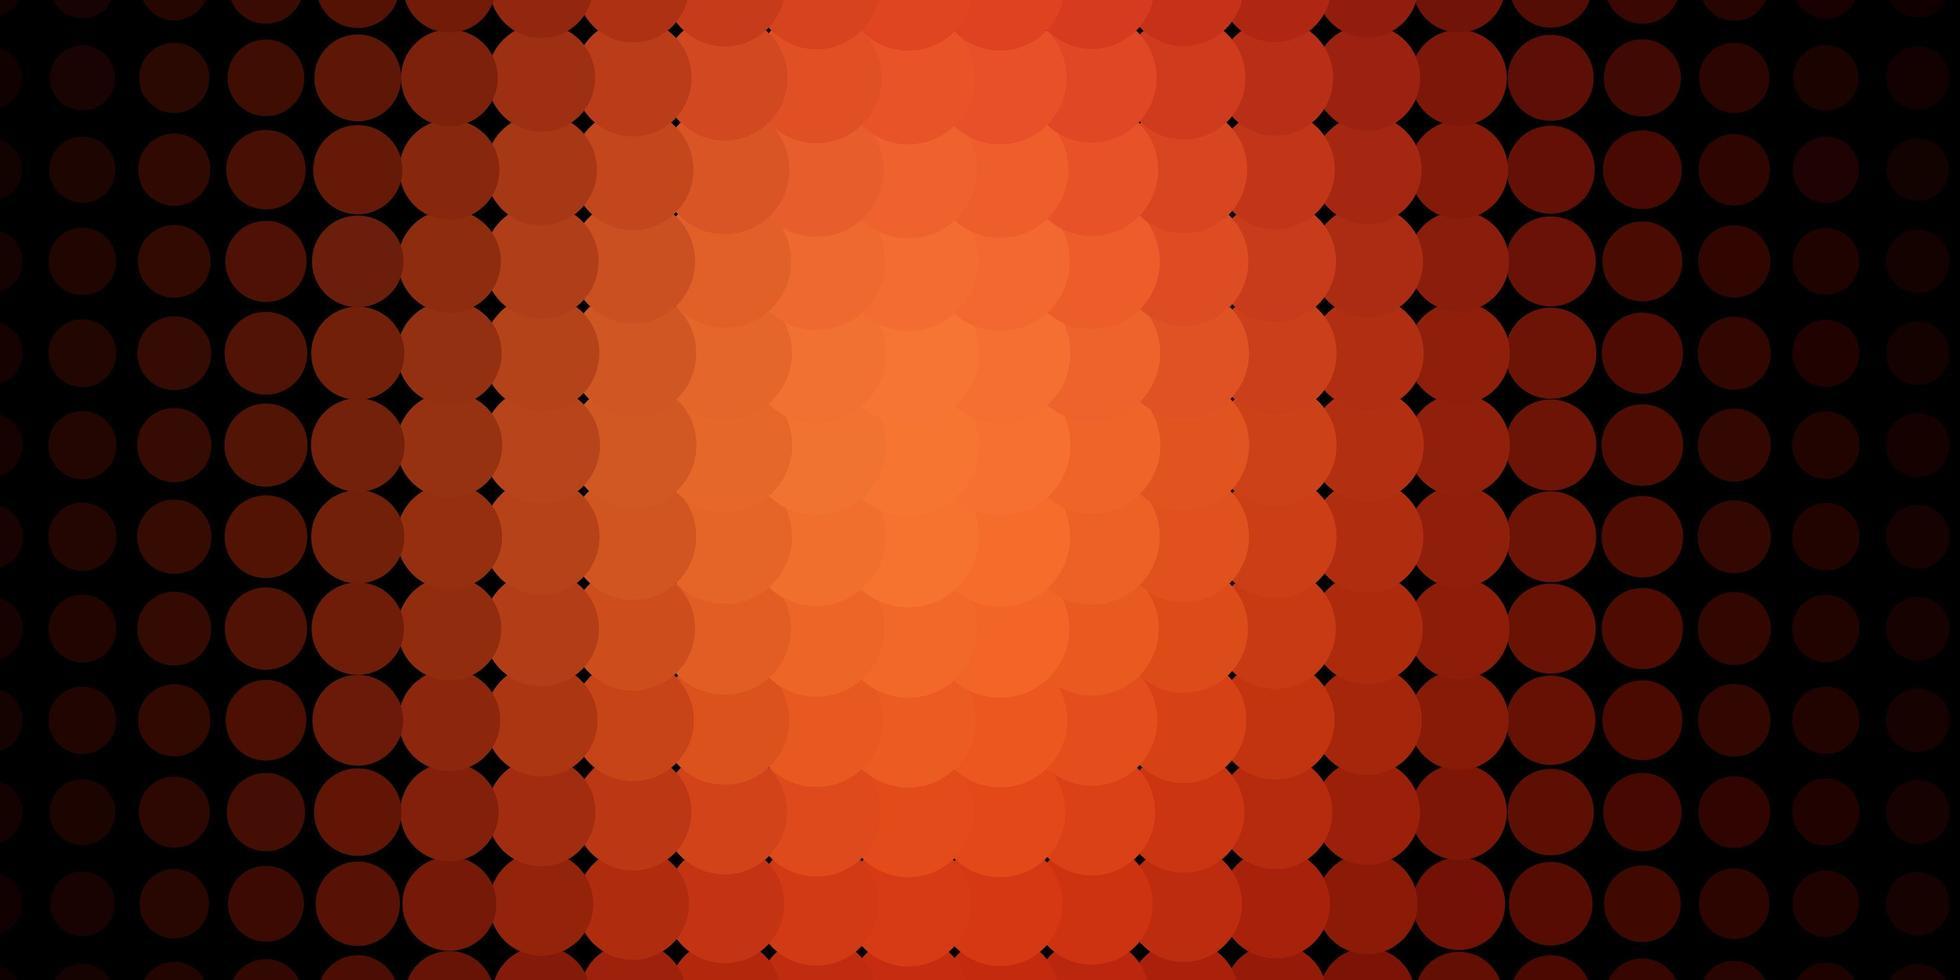 mörkröd konsistens med skivor. vektor